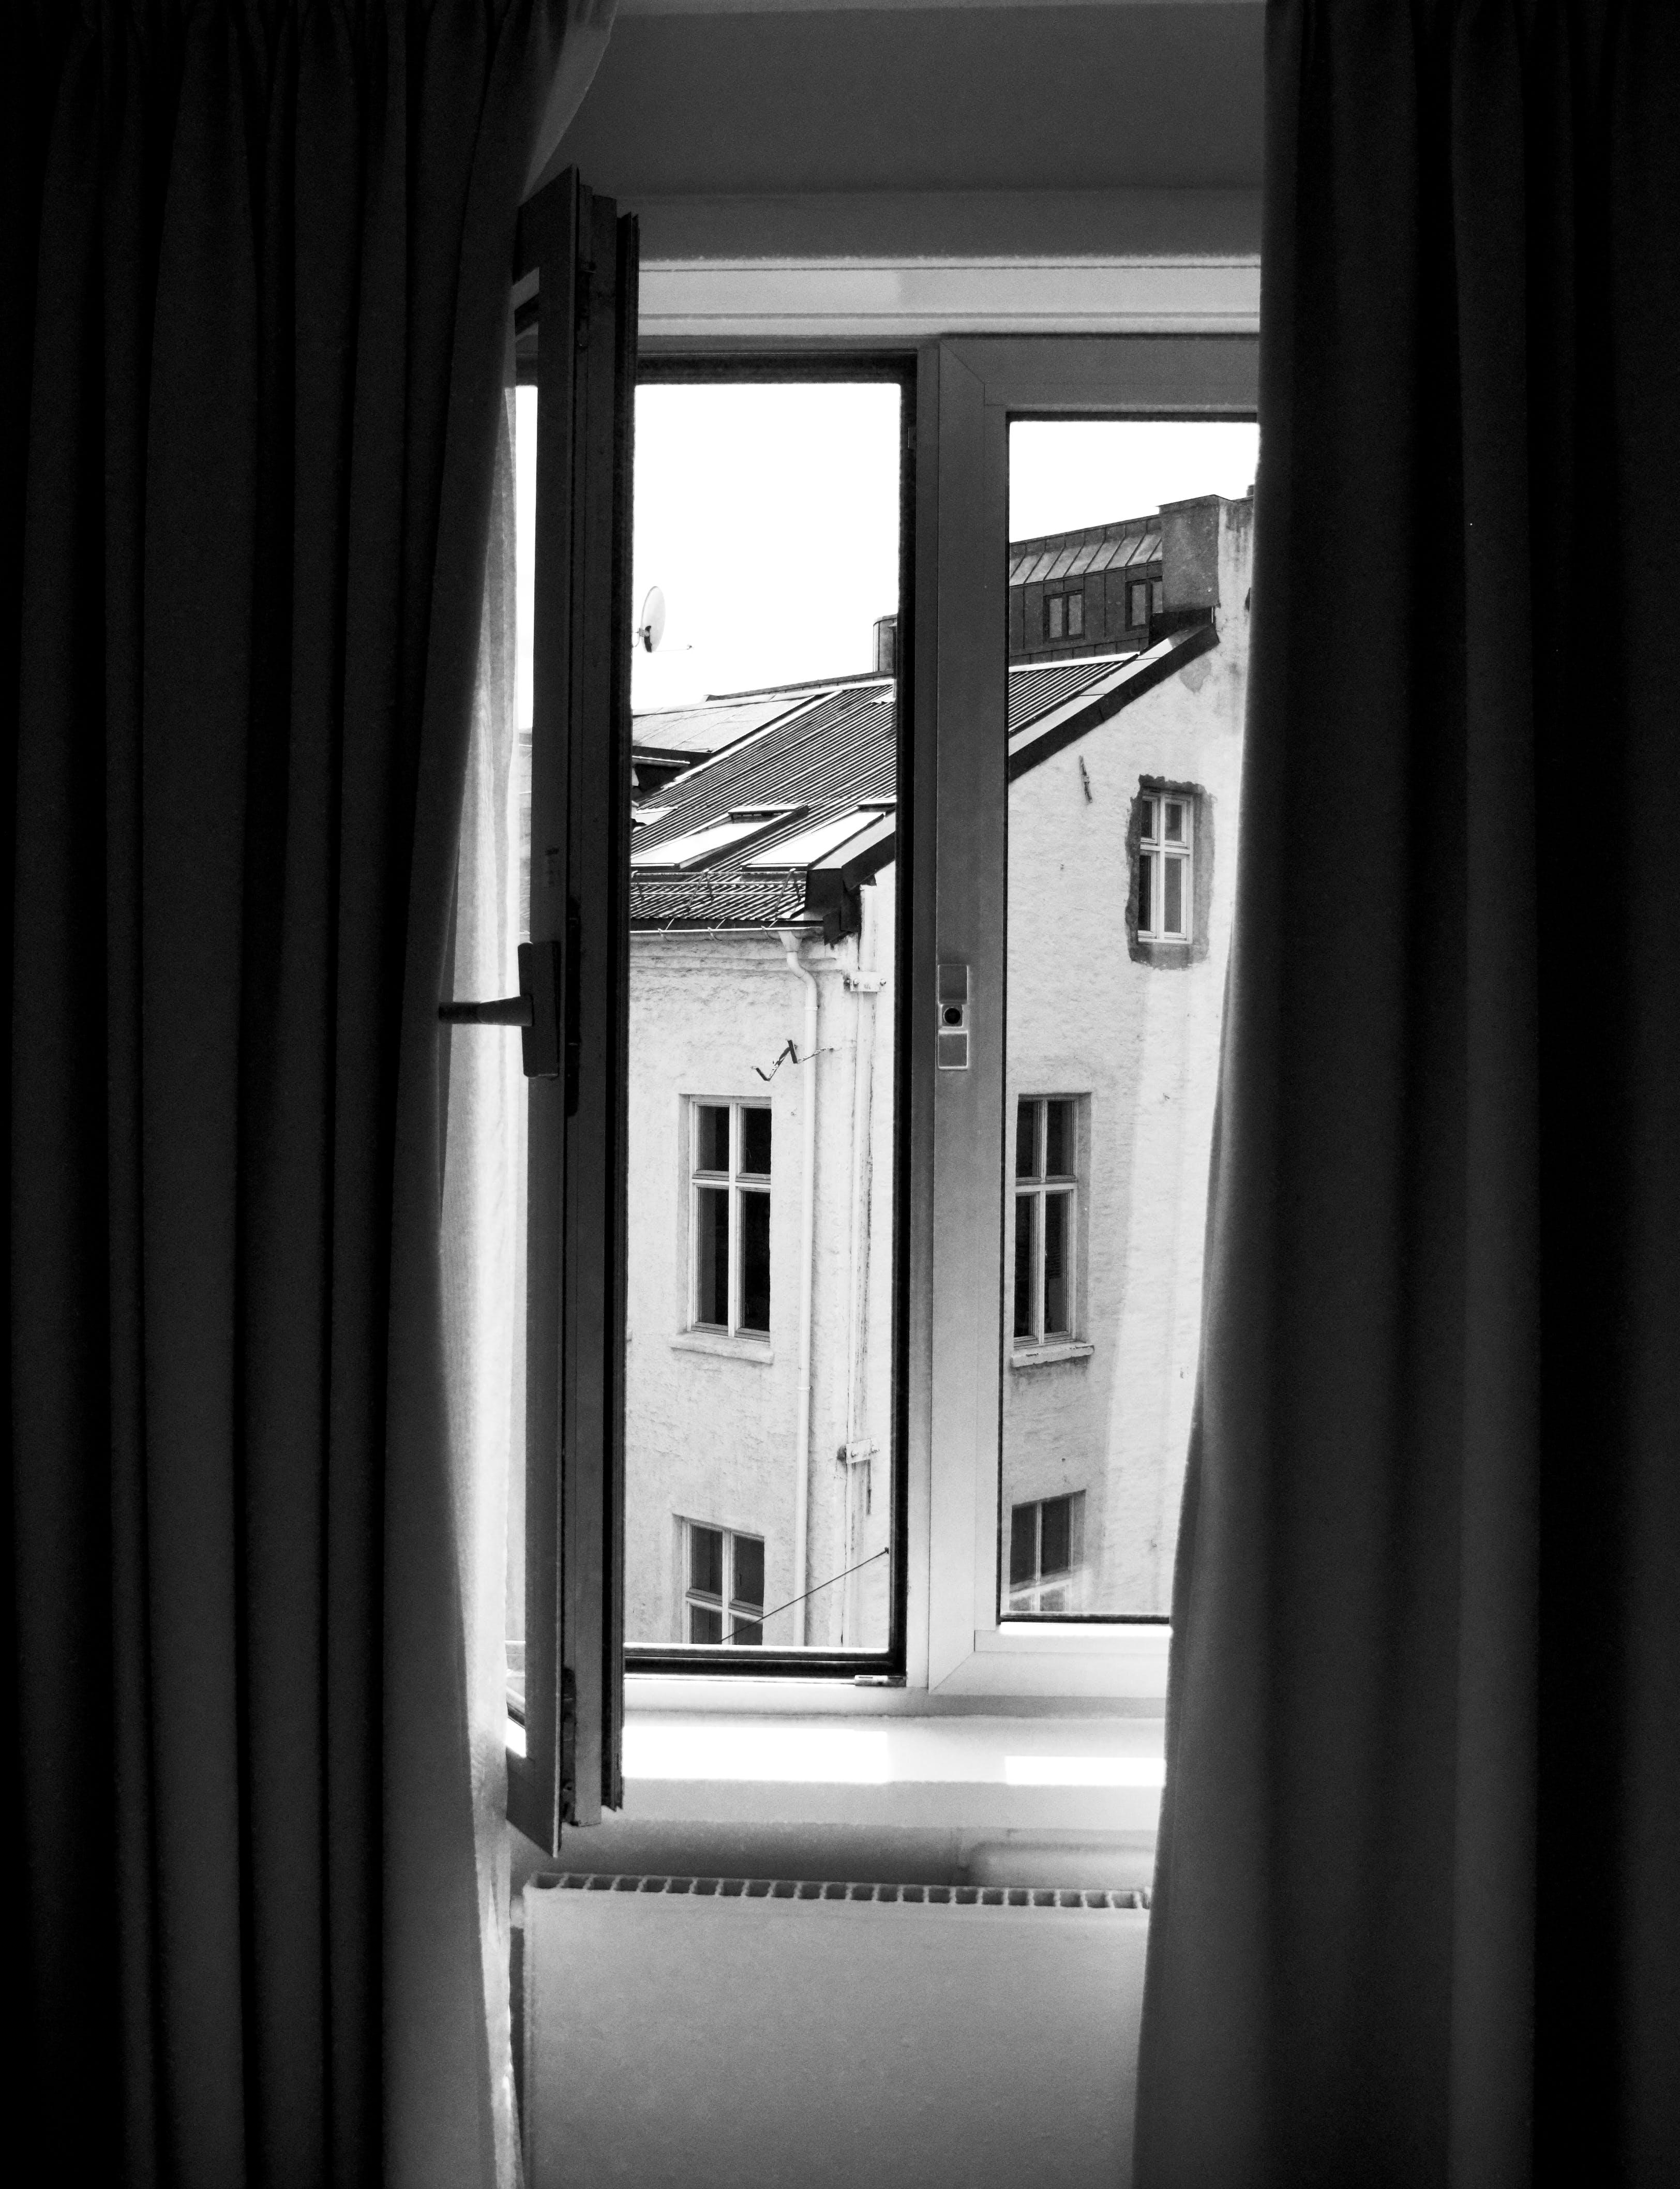 Ilmainen kuvapankkikuva tunnisteilla arkkitehtuuri, huone, ikkunat, katu